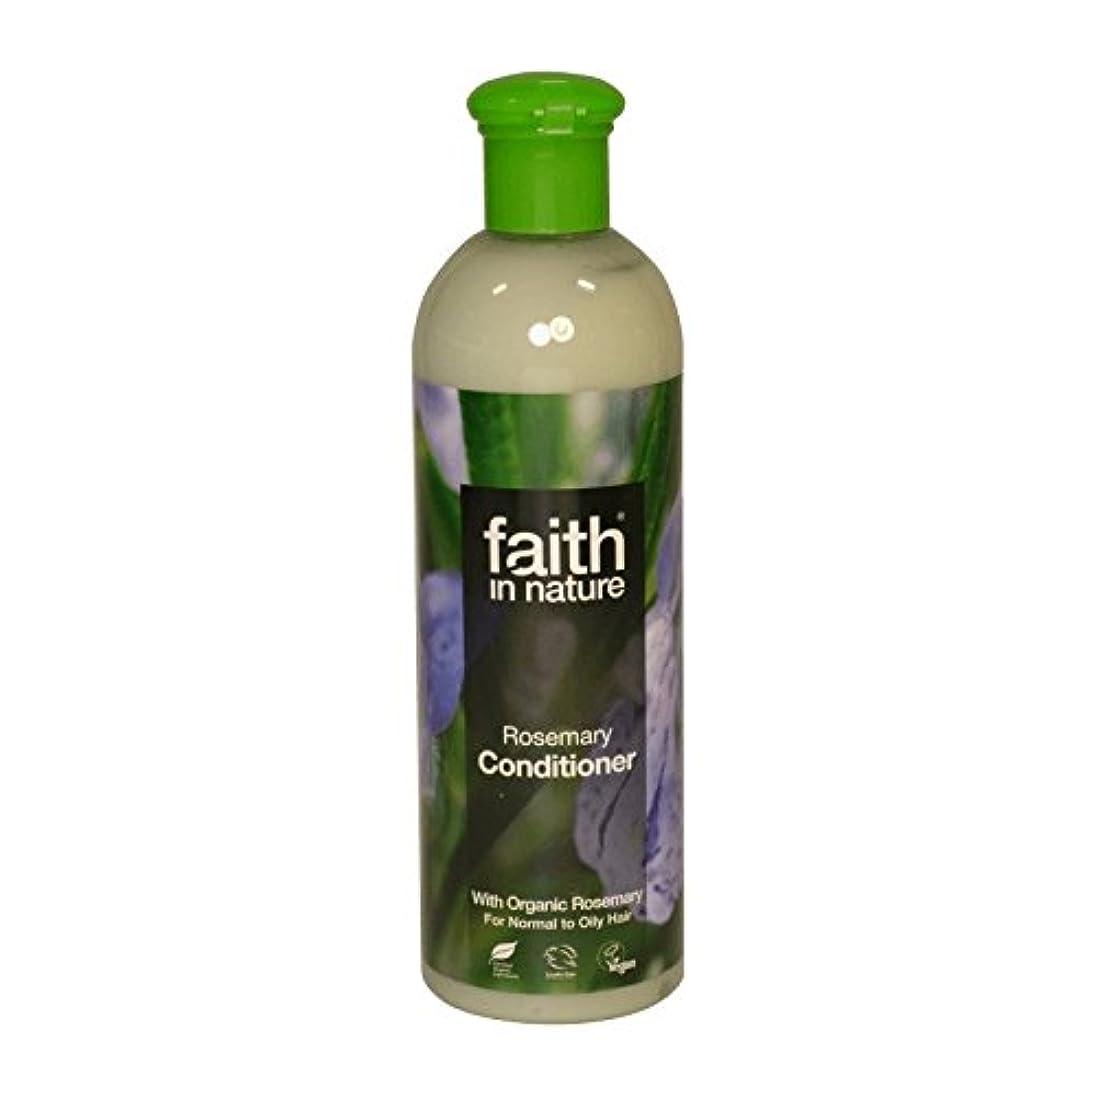 絶対の夢中酔ったFaith in Nature Rosemary Conditioner 400ml (Pack of 2) - 自然ローズマリーコンディショナー400ミリリットルの信仰 (x2) [並行輸入品]